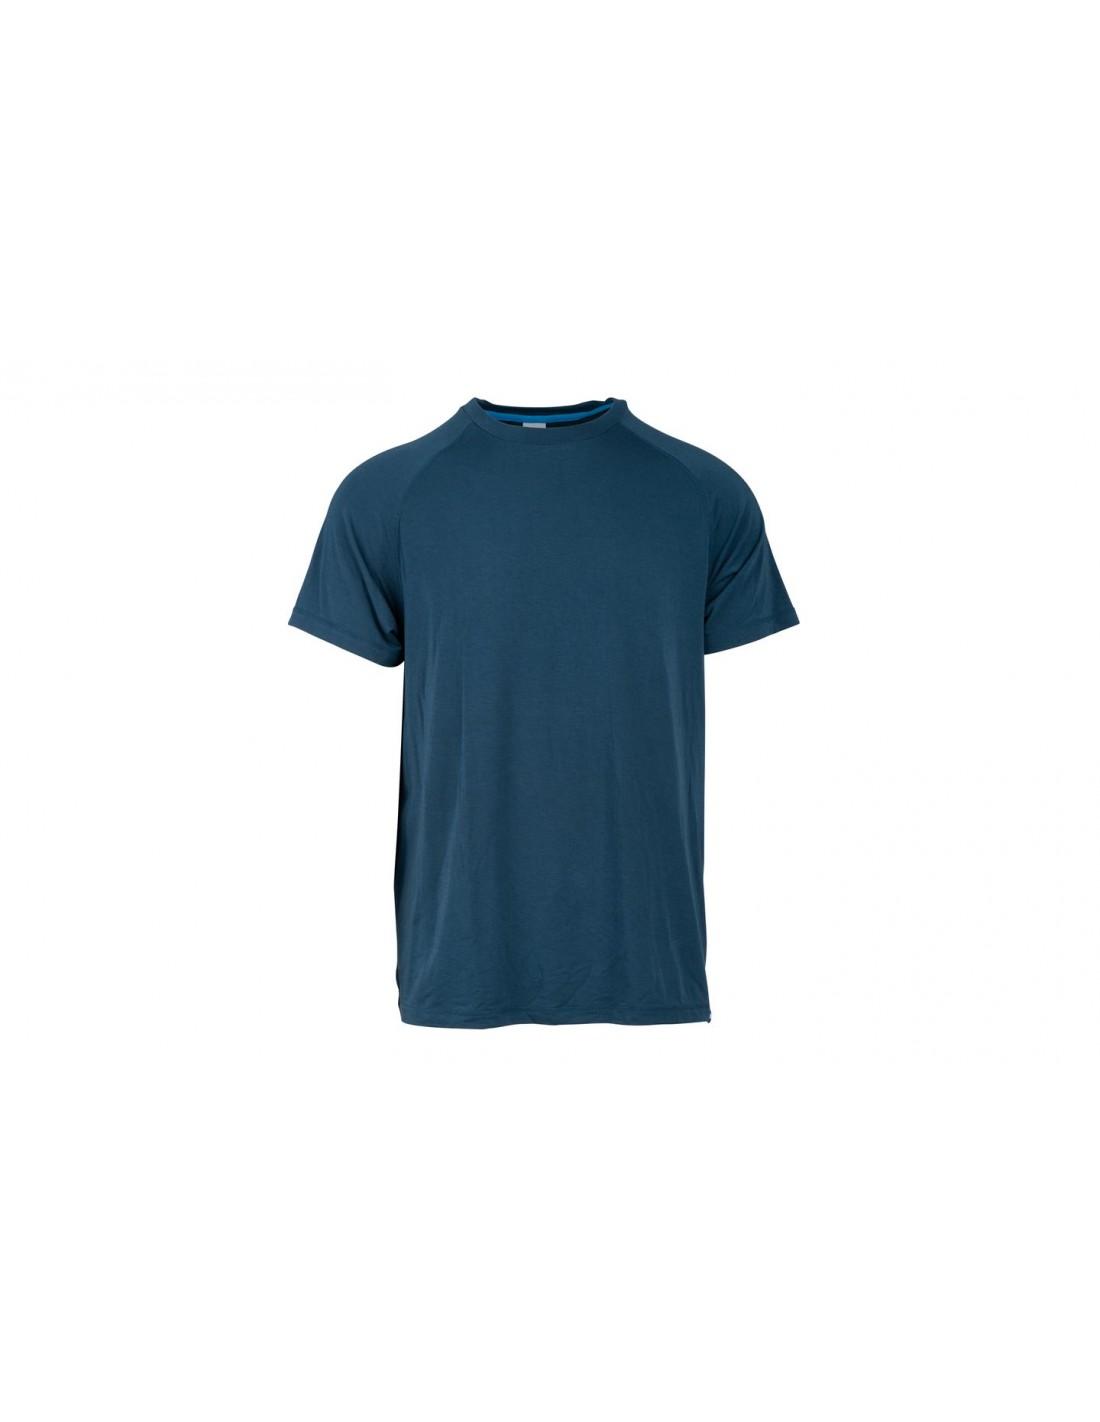 5bfd9ed1 ... T-skjorter og Pique Herrer Twentyfour Oslo Bambus T-skjorte Herre 10318